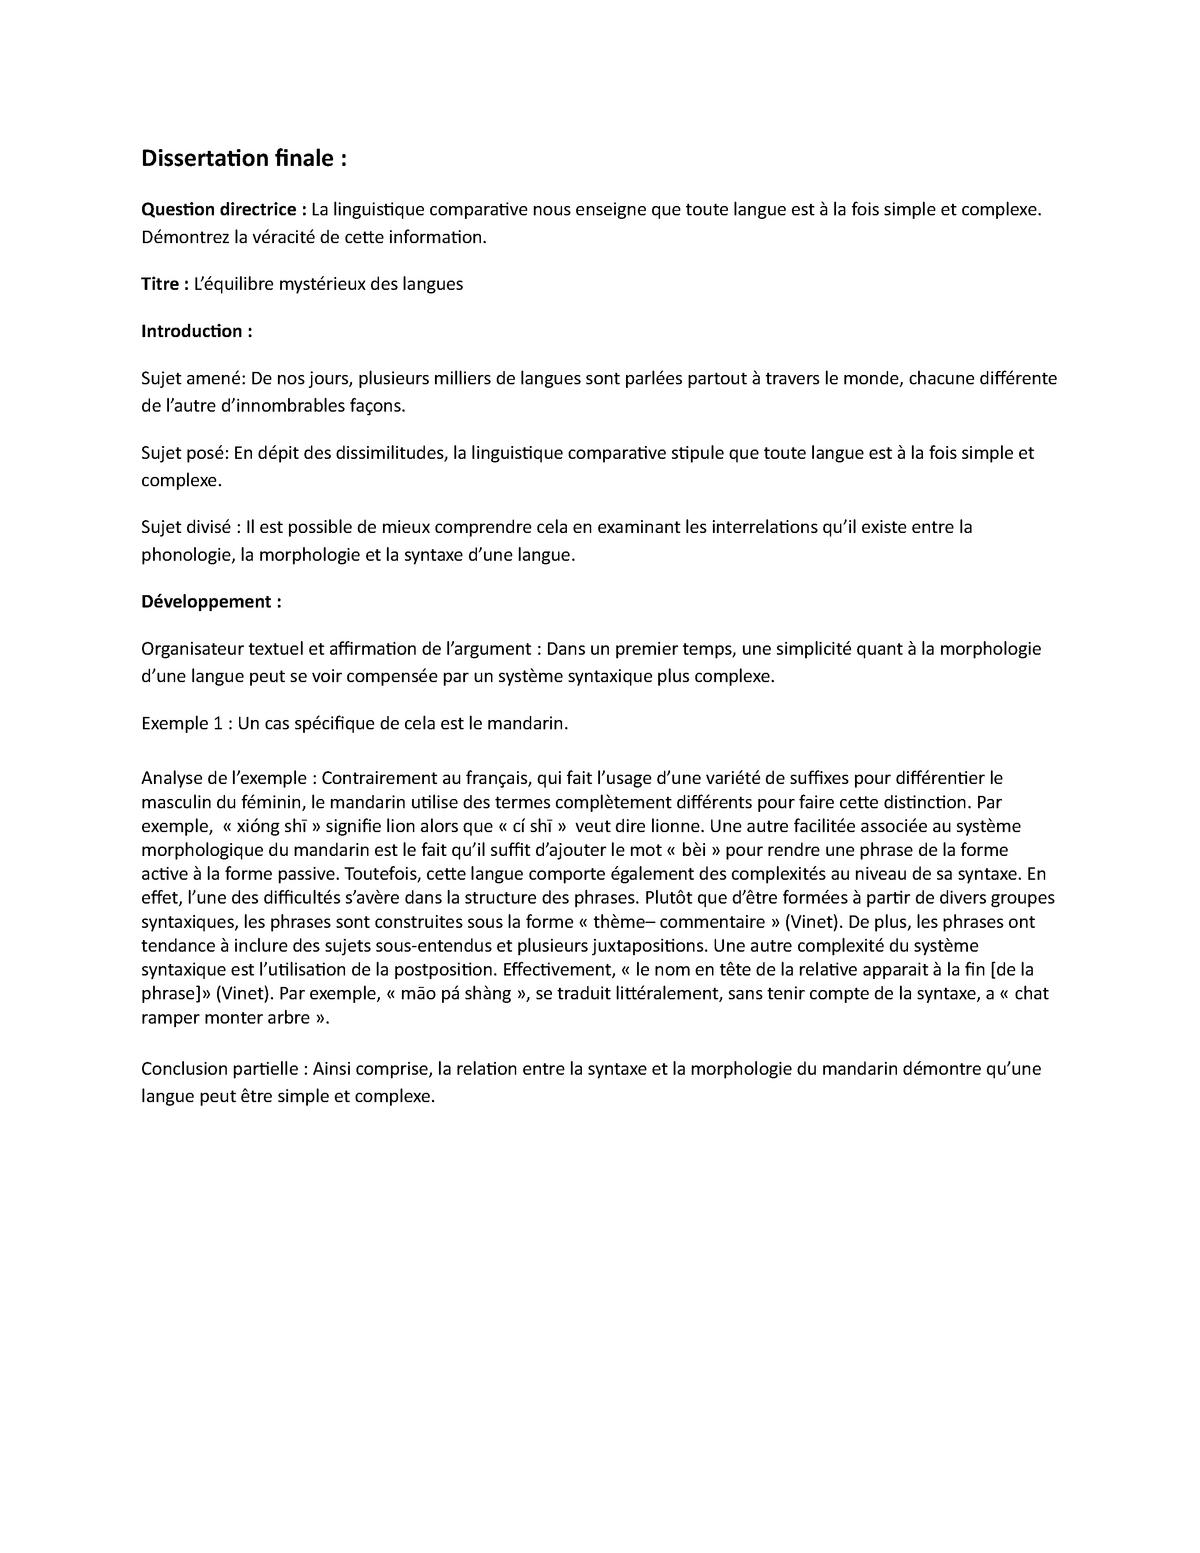 Dissertation Finale Fran 211 Question Directrice La Studocu Exemple Comparative Francais